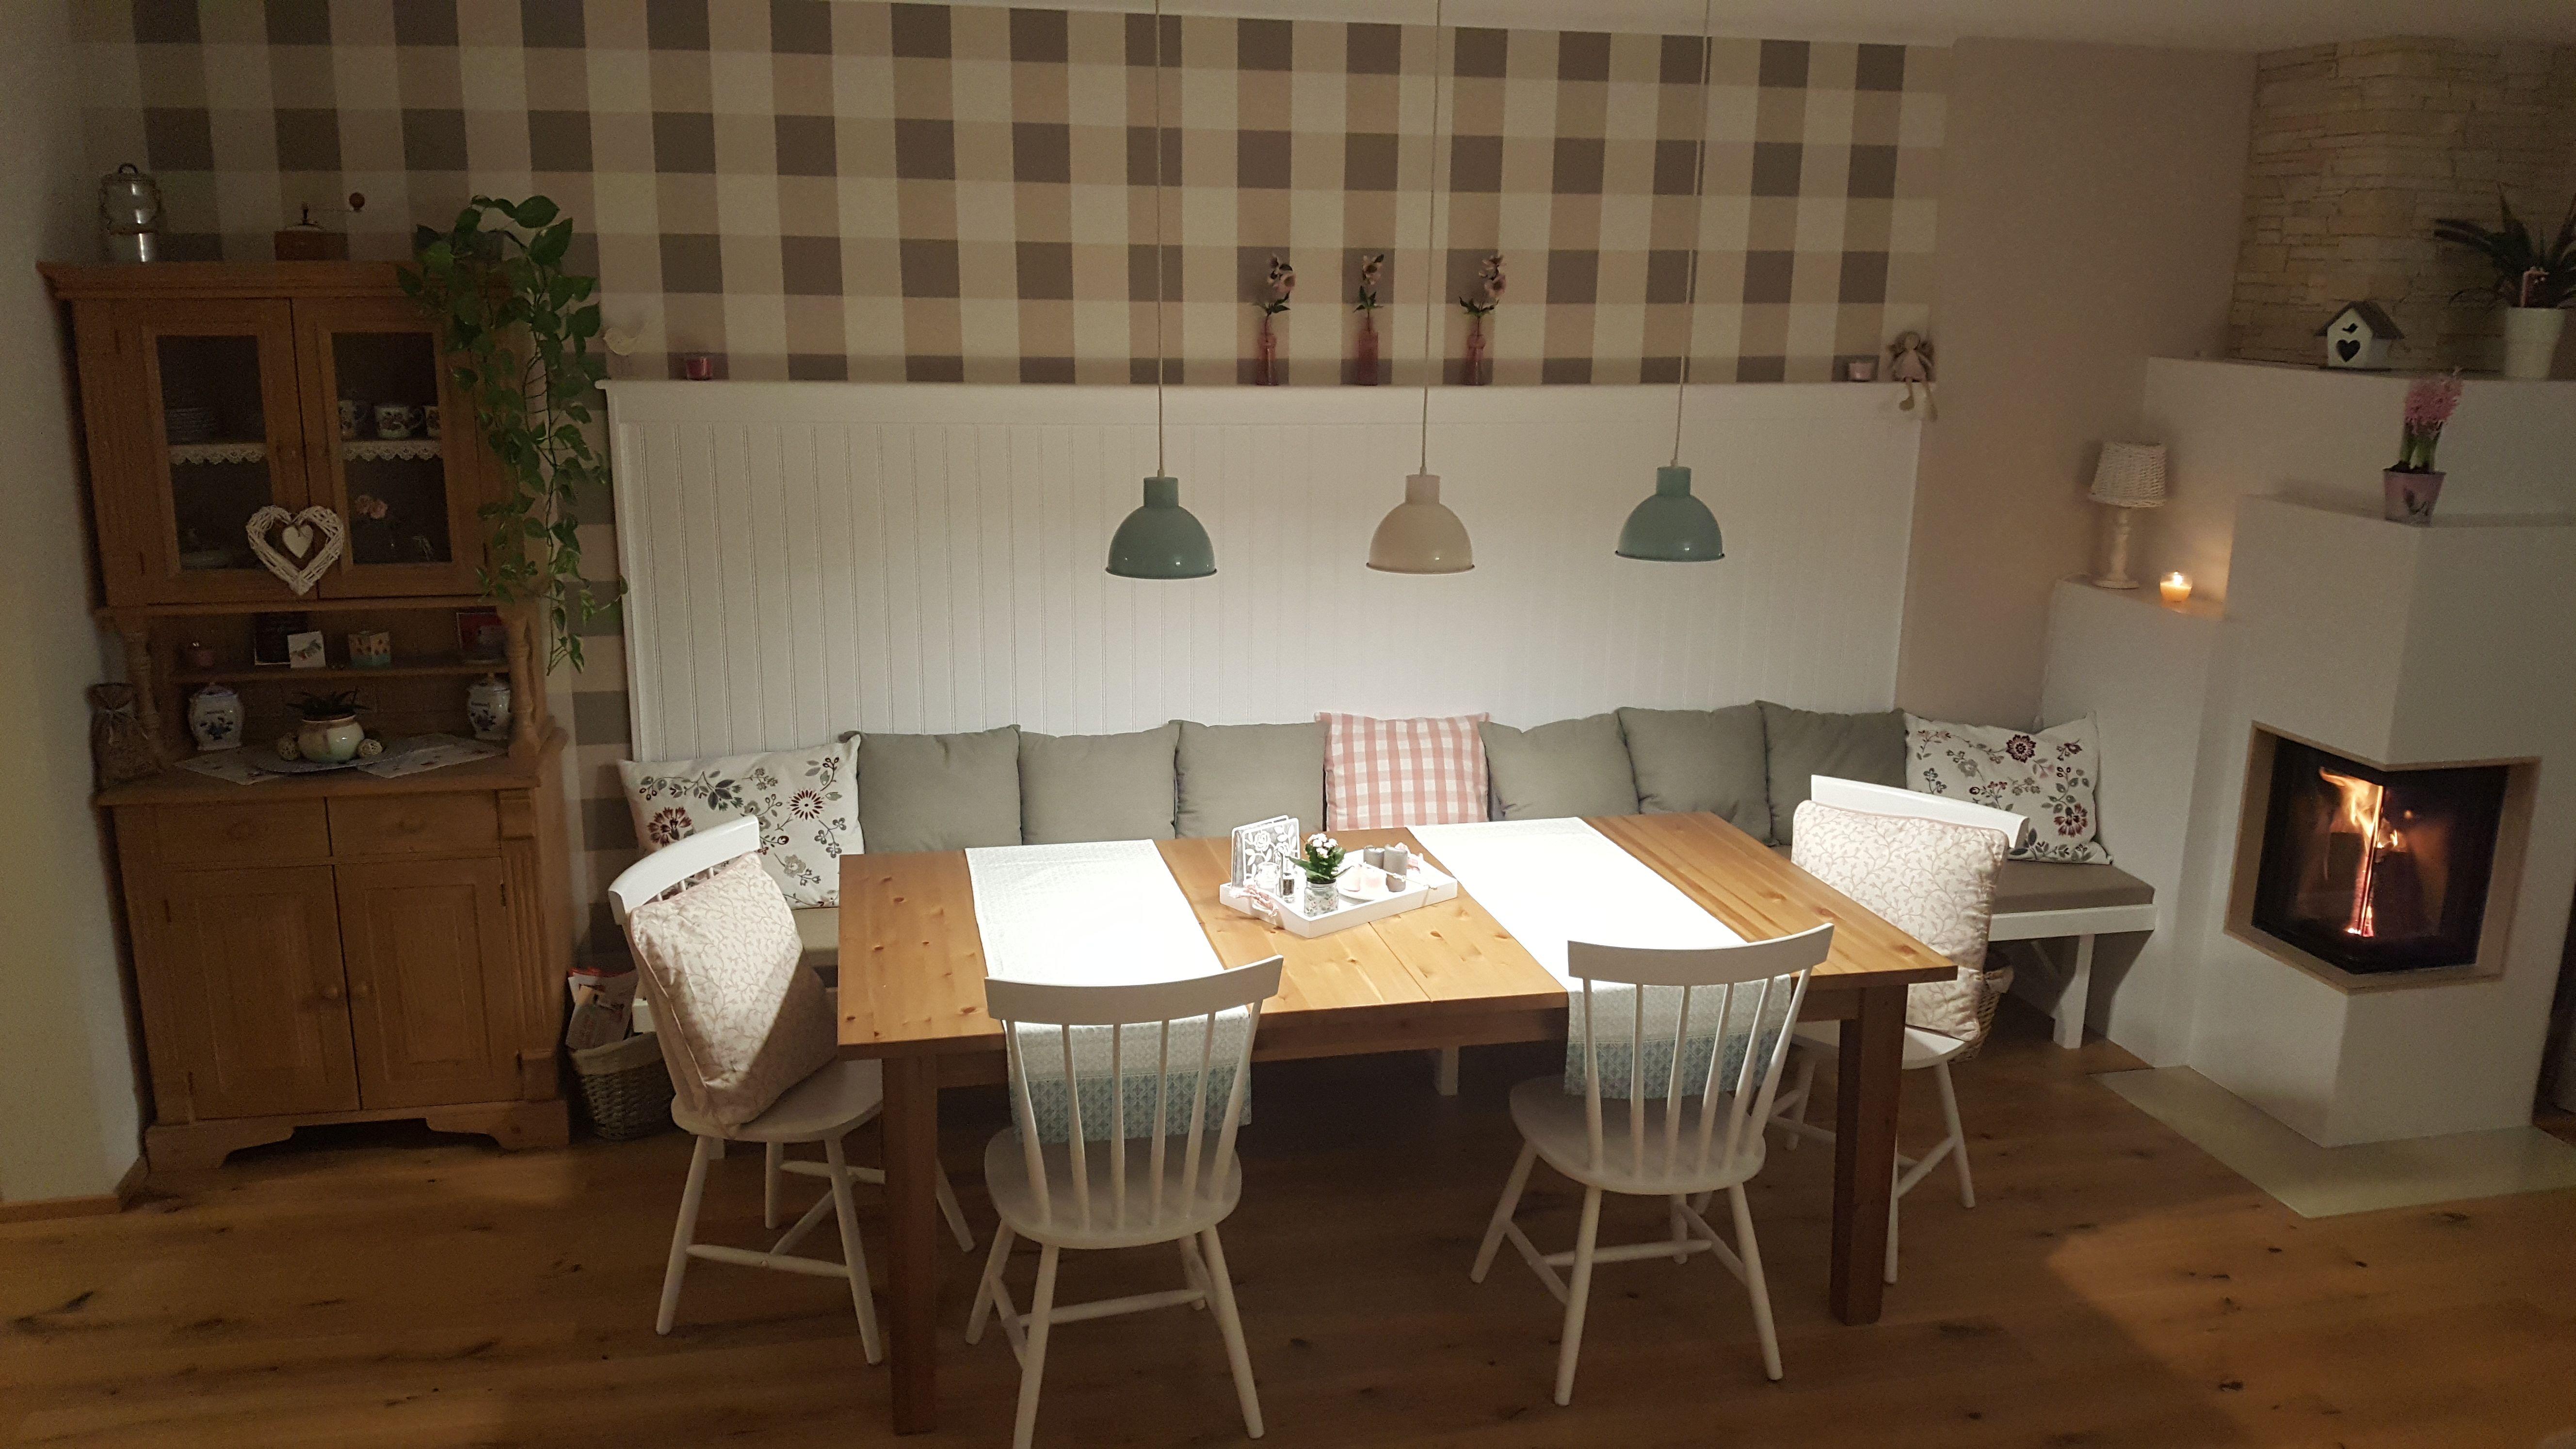 wnde esszimmer, beadboard.de - stilvolle wände, essecke, esstisch, essen, food, Design ideen